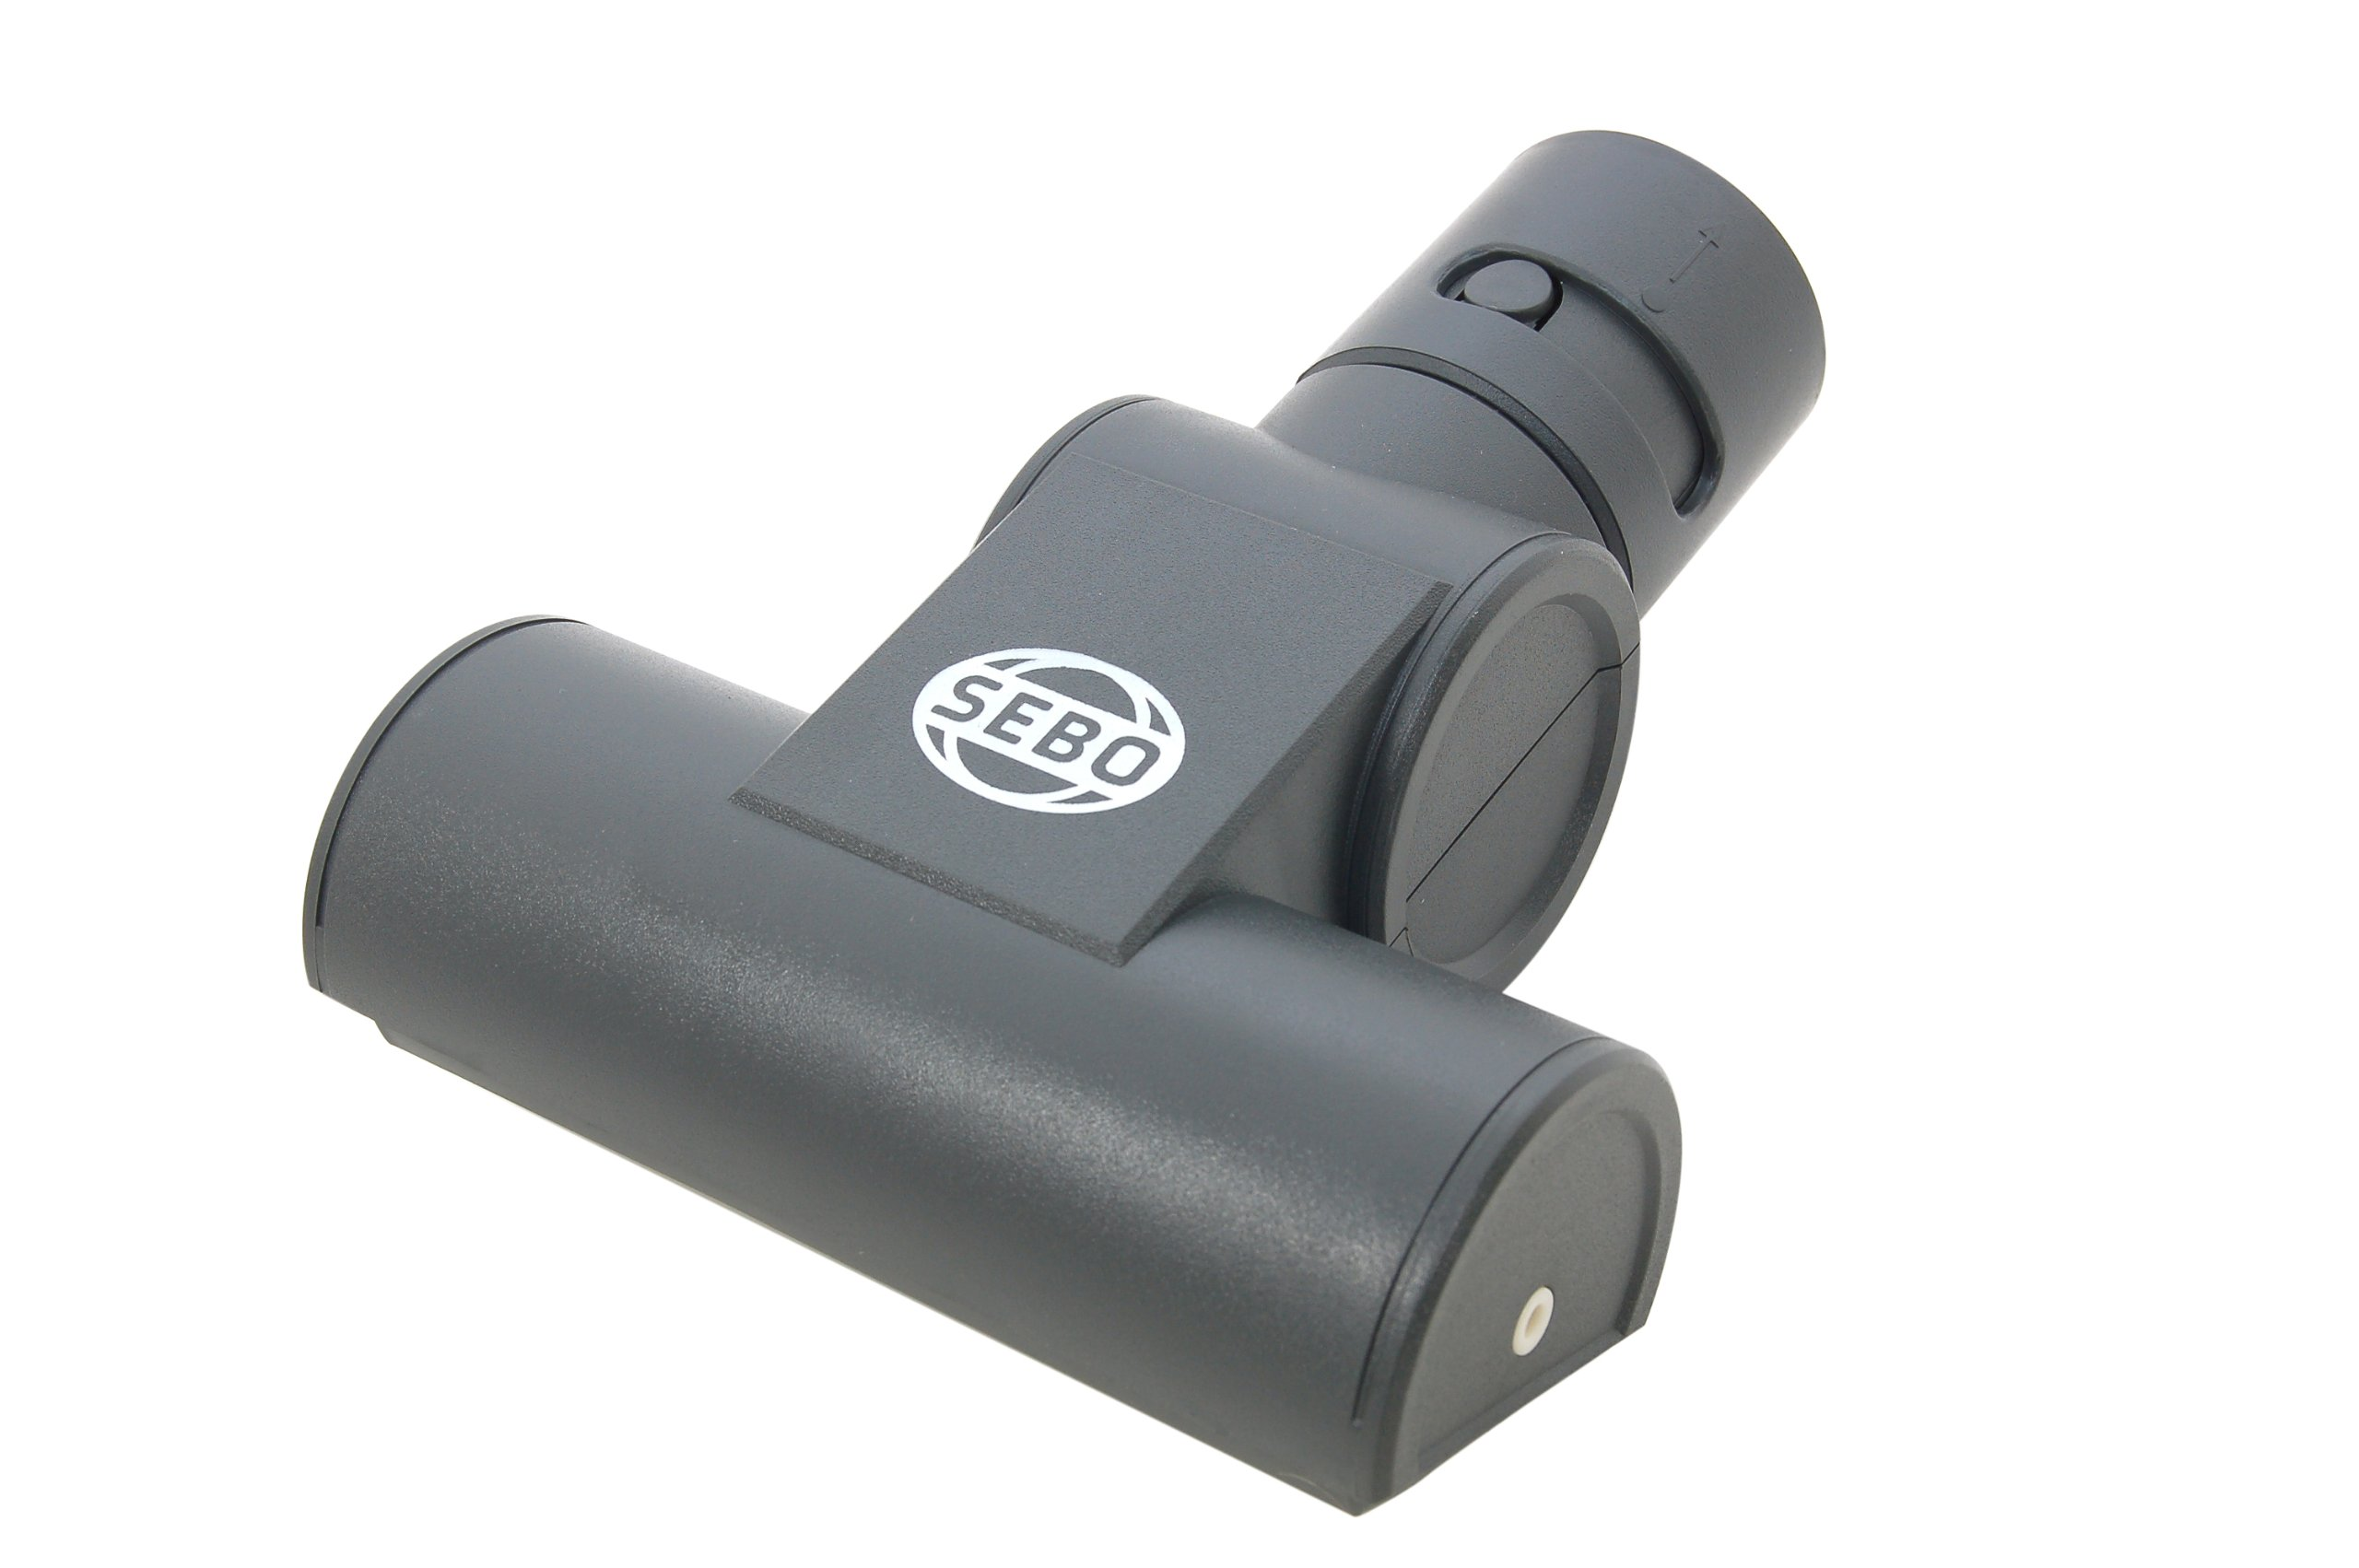 Sebo 6179ER Vacuum Cleaner Stair and Upholstery Turbo Brush Tool